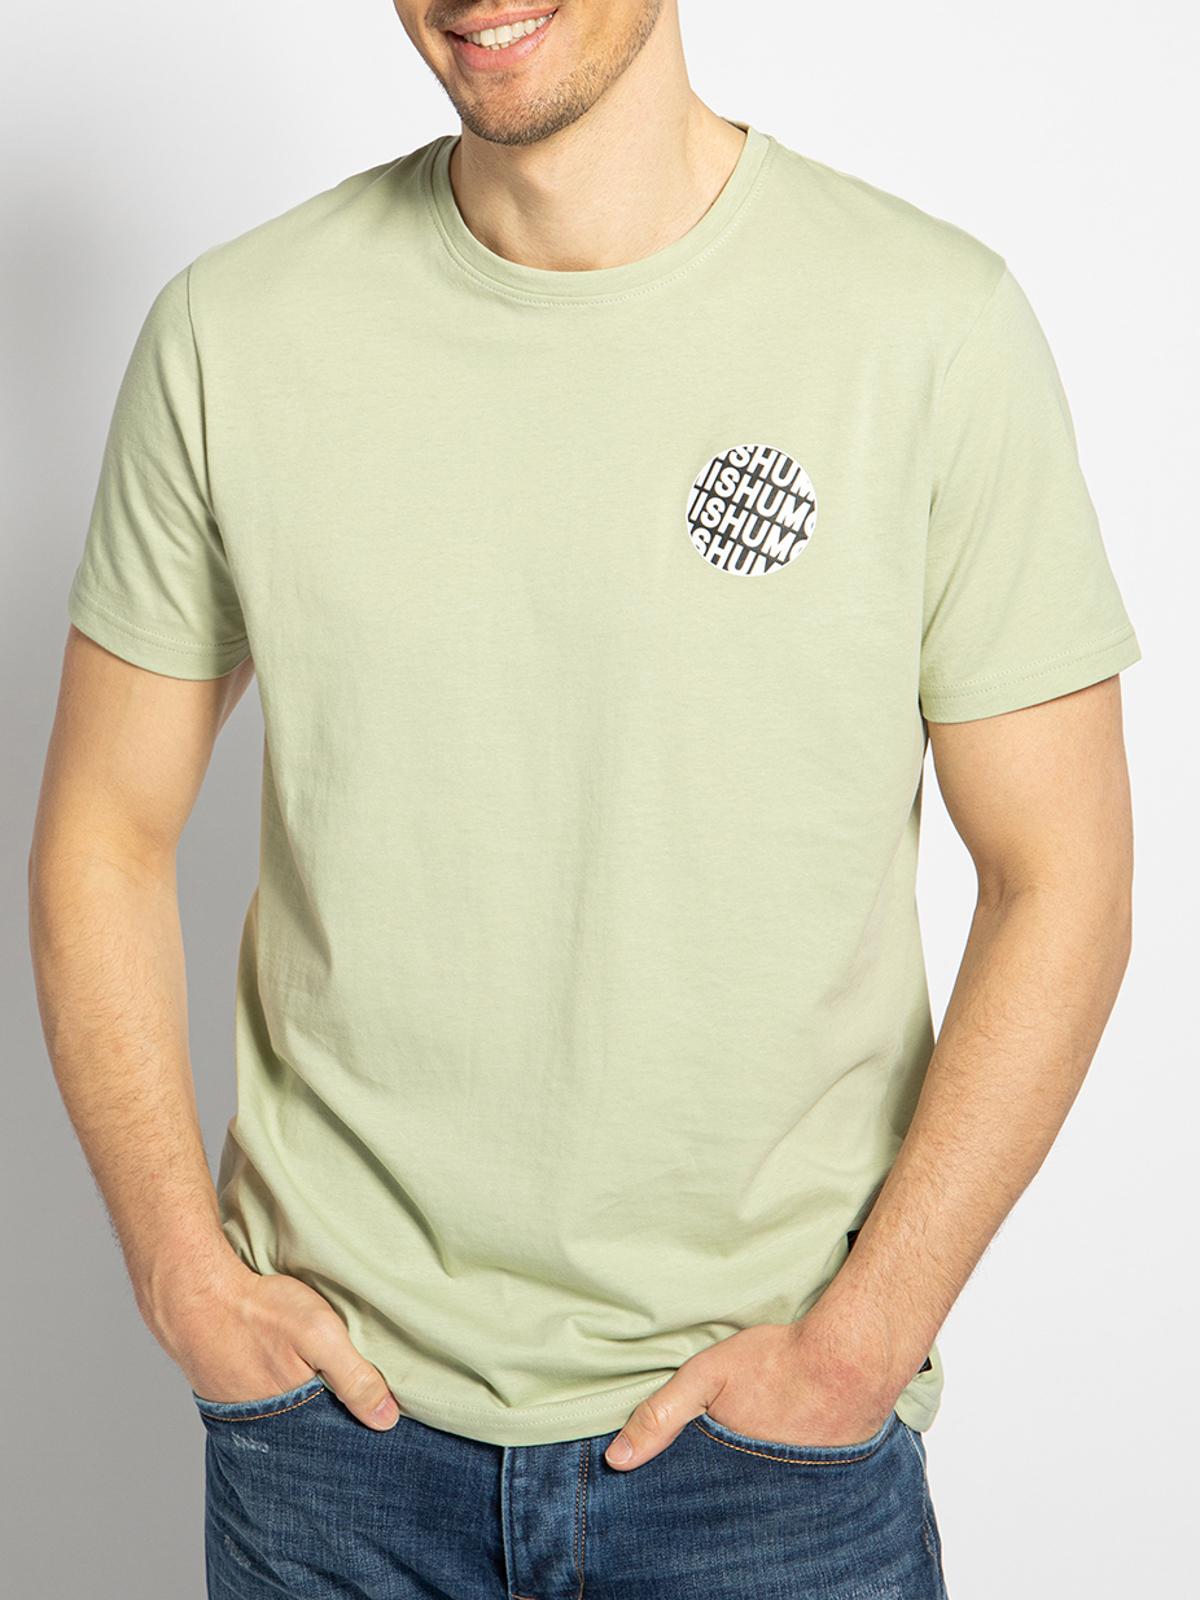 Mishumo T-Shirt in grün für Herren, Größe: XXXL